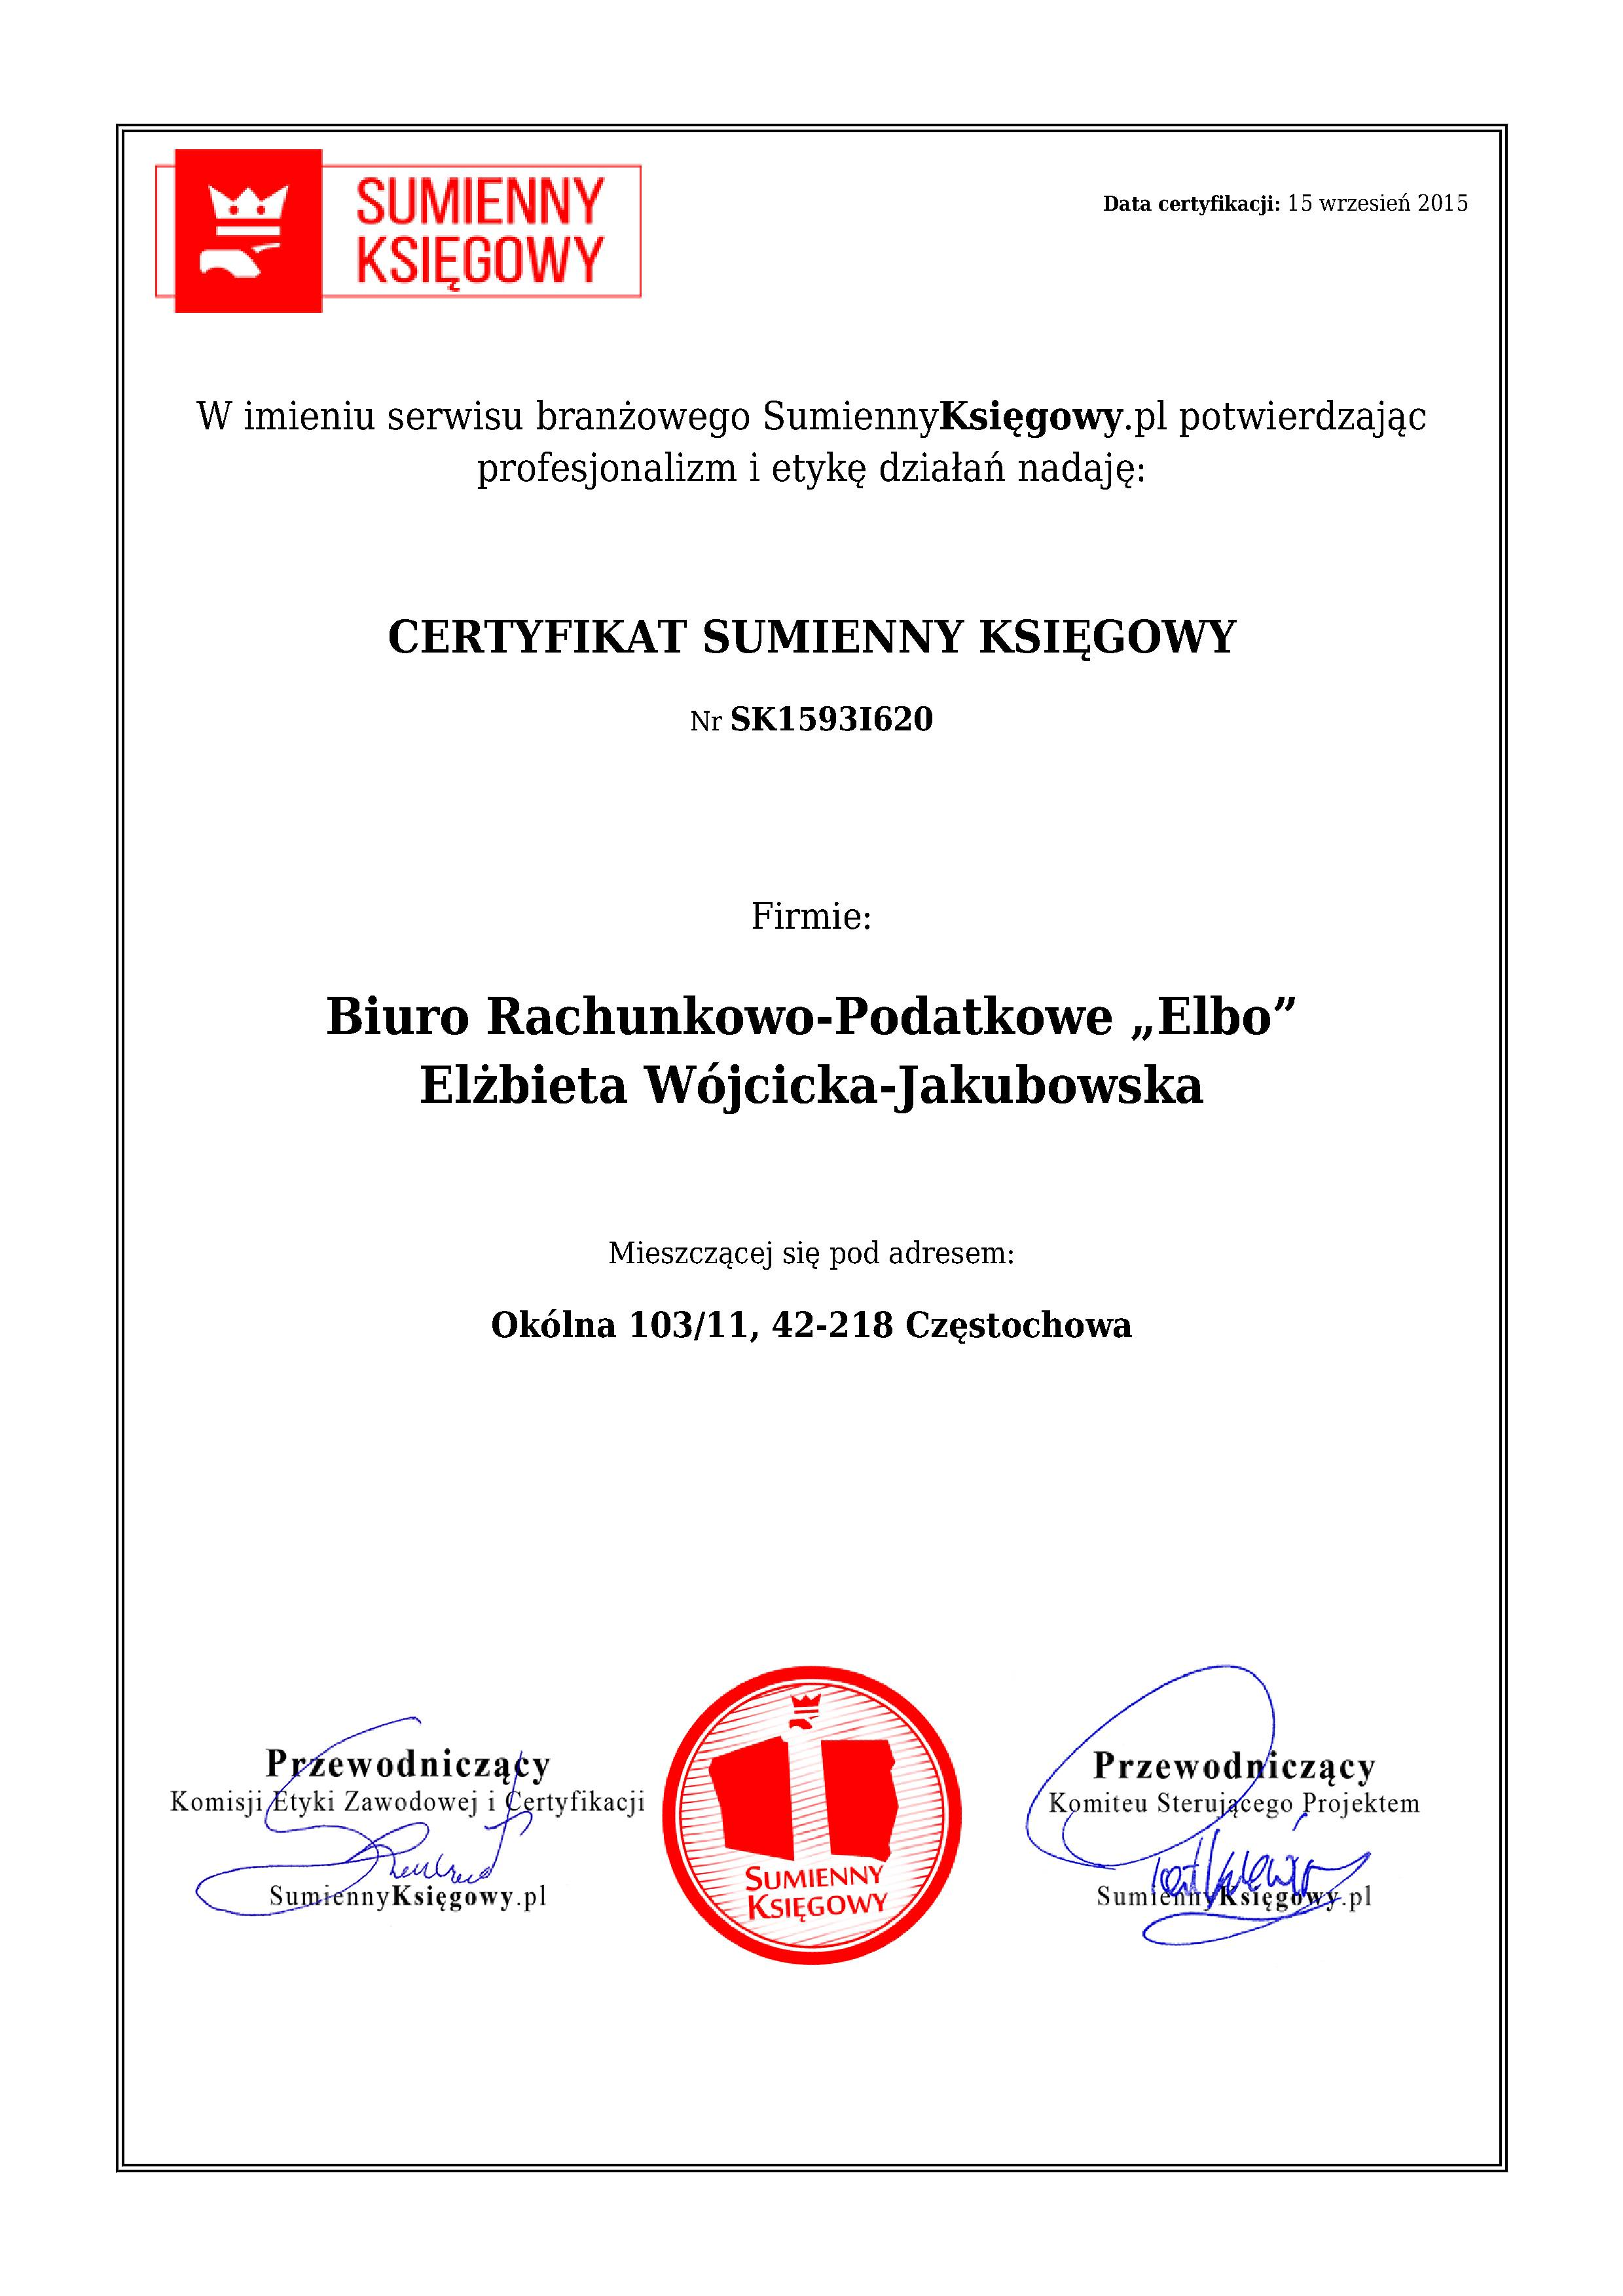 """Certyfikat Biuro Rachunkowo-Podatkowe """"Elbo"""" Elżbieta Wójcicka-Jakubowska"""